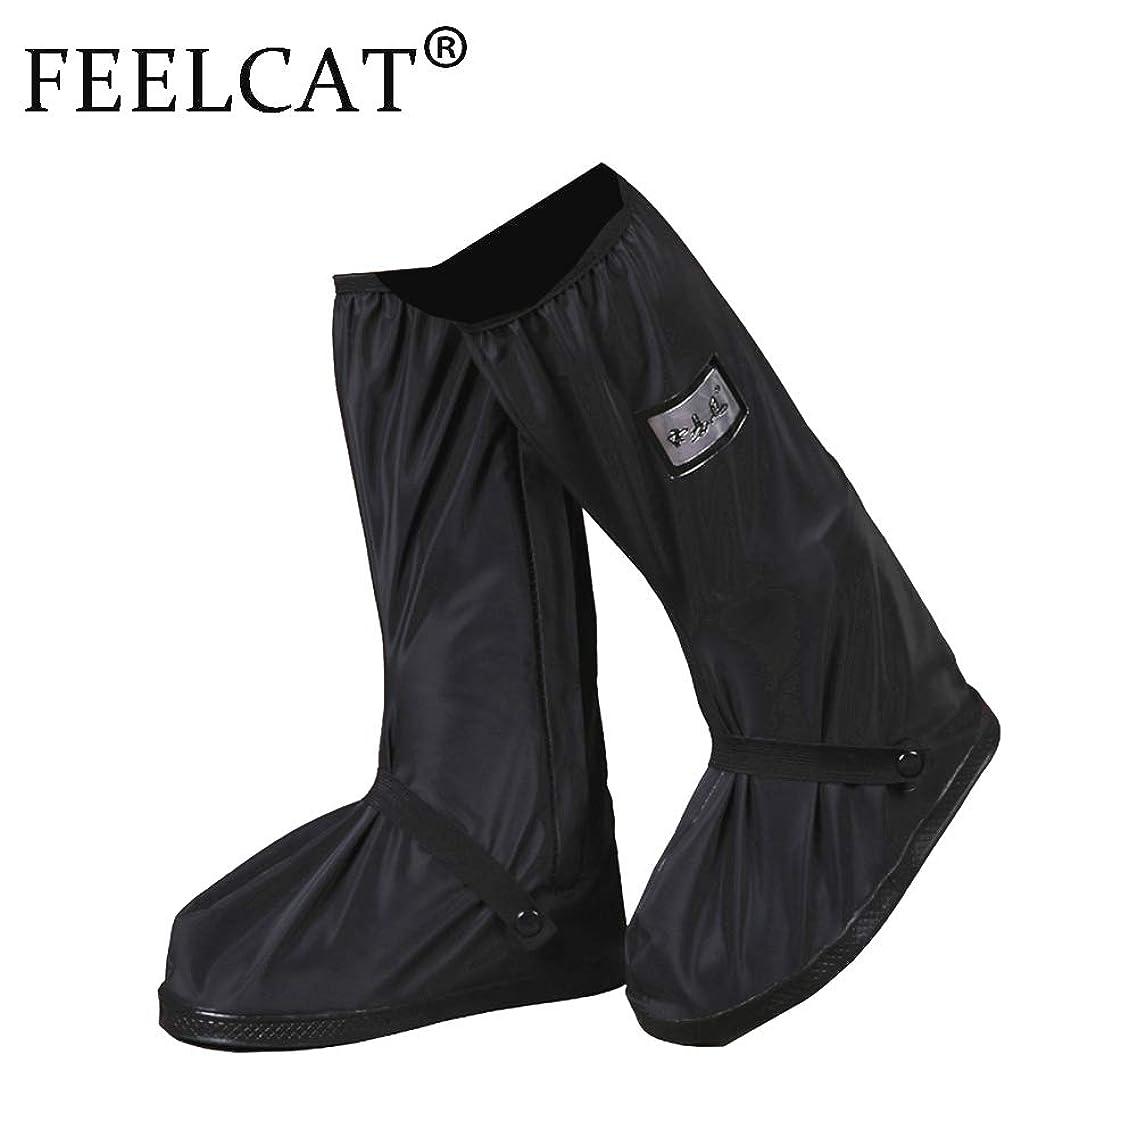 不器用アパート旅行代理店FEELCAT レインシューズカバー 雨 雪 梅雨対策 防水靴カバー 滑り止め レインブーツ 携帯可 レインシューズ 男女兼用 通勤 通学 自転車 突然の雨対応